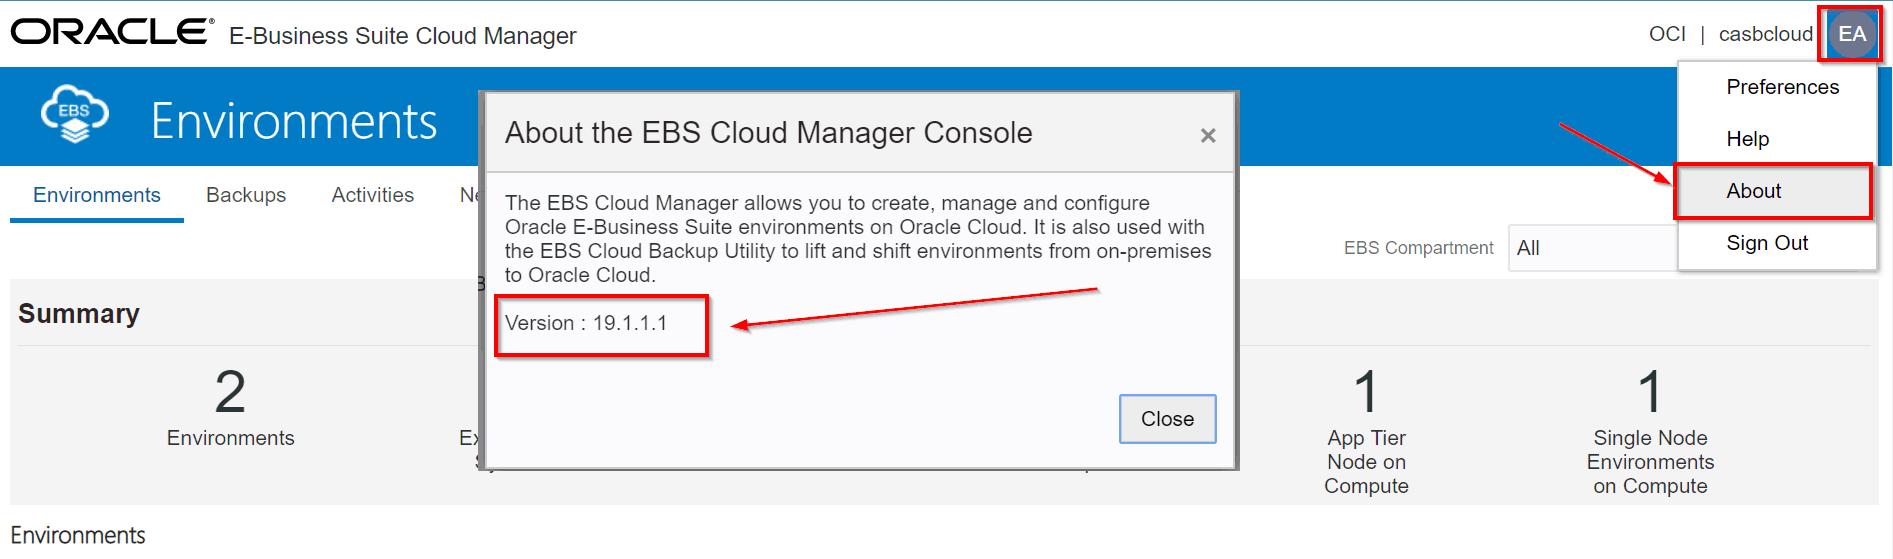 E-Business Suite Cloud Manager Version